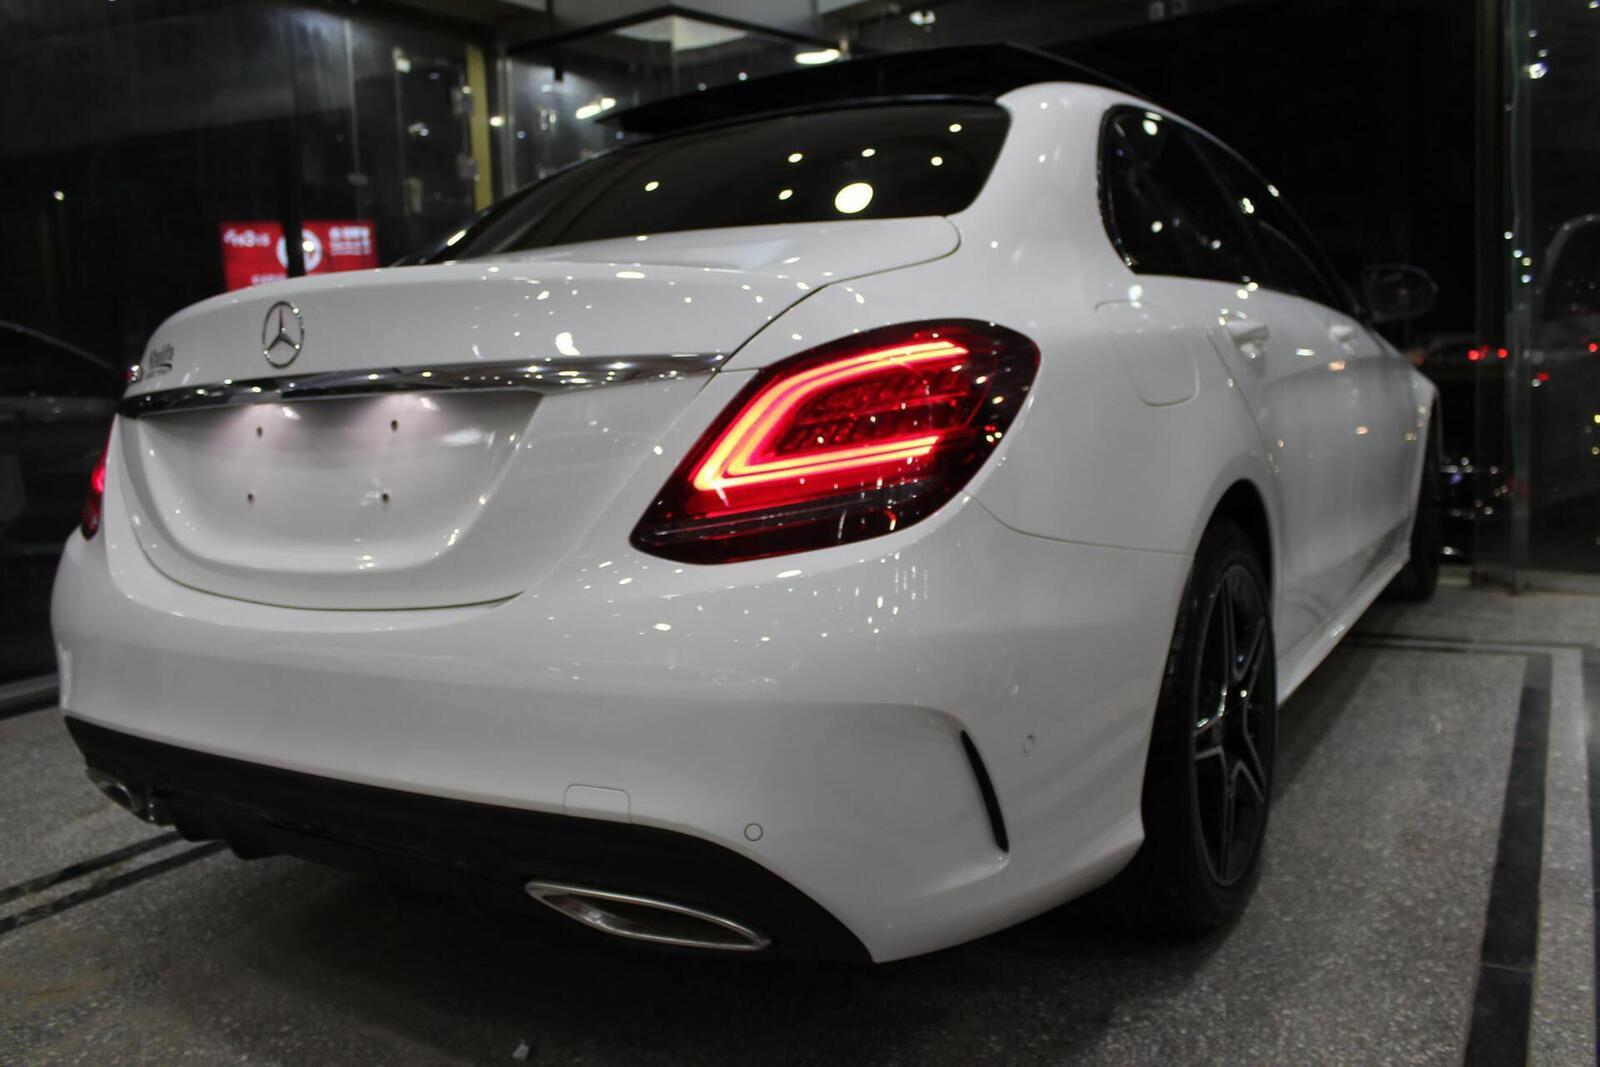 Sau Malaysia, Mercedes-Benz Việt Nam sắp sửa giới thiệu C-Class 2019? - Hình 4